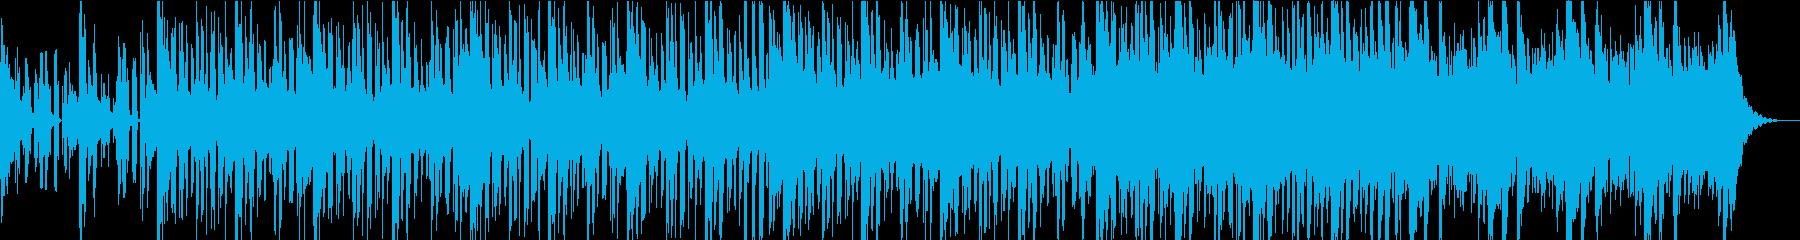 ハイテンション&スピーディなダンスバトルの再生済みの波形